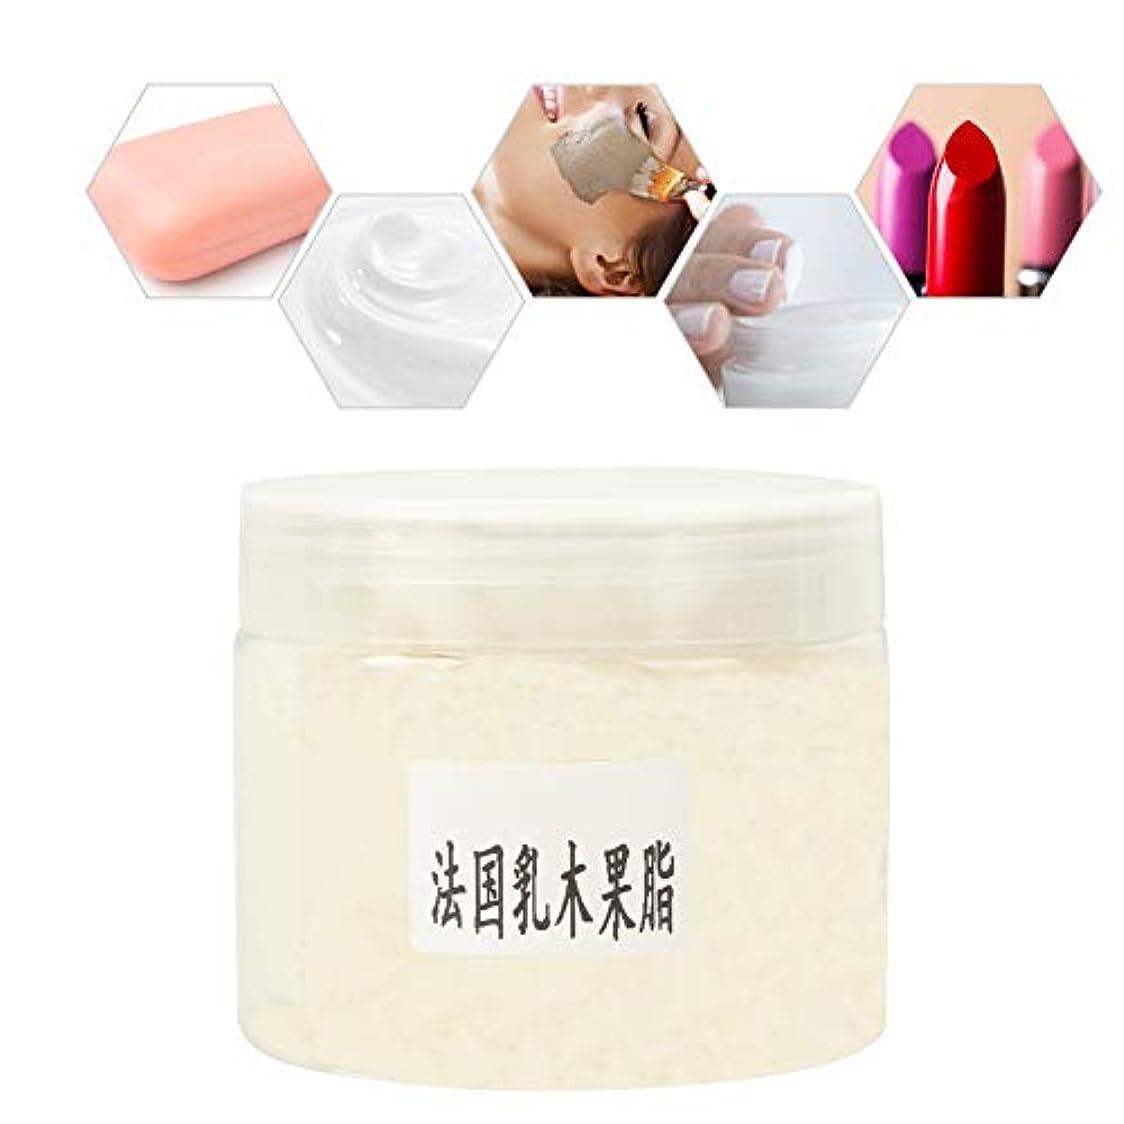 導入するエスカレート健康シアバター 精製 オーガニック 100g 手作り化粧品原料 化粧品DIY素材高級洗練されたピュアナチュラルシアバター